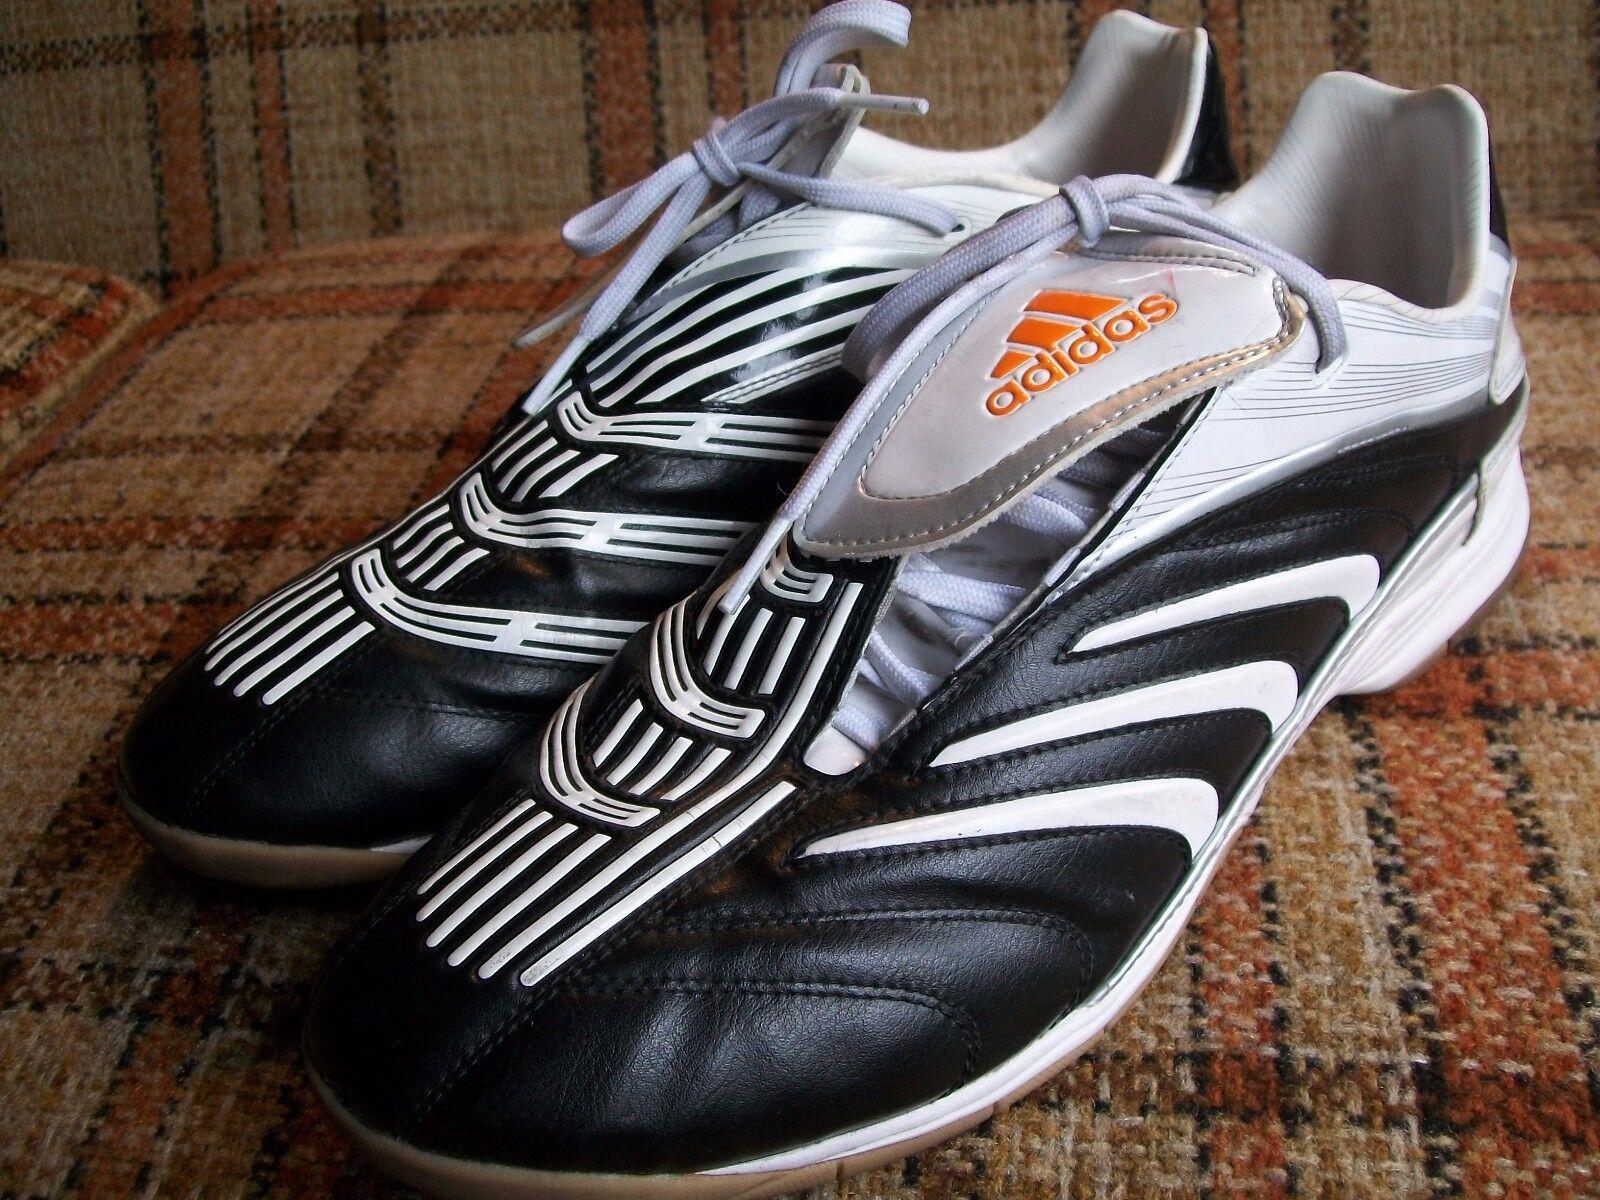 Adidas mens dimensioni 13 (nl) 48 in in in scarpe da